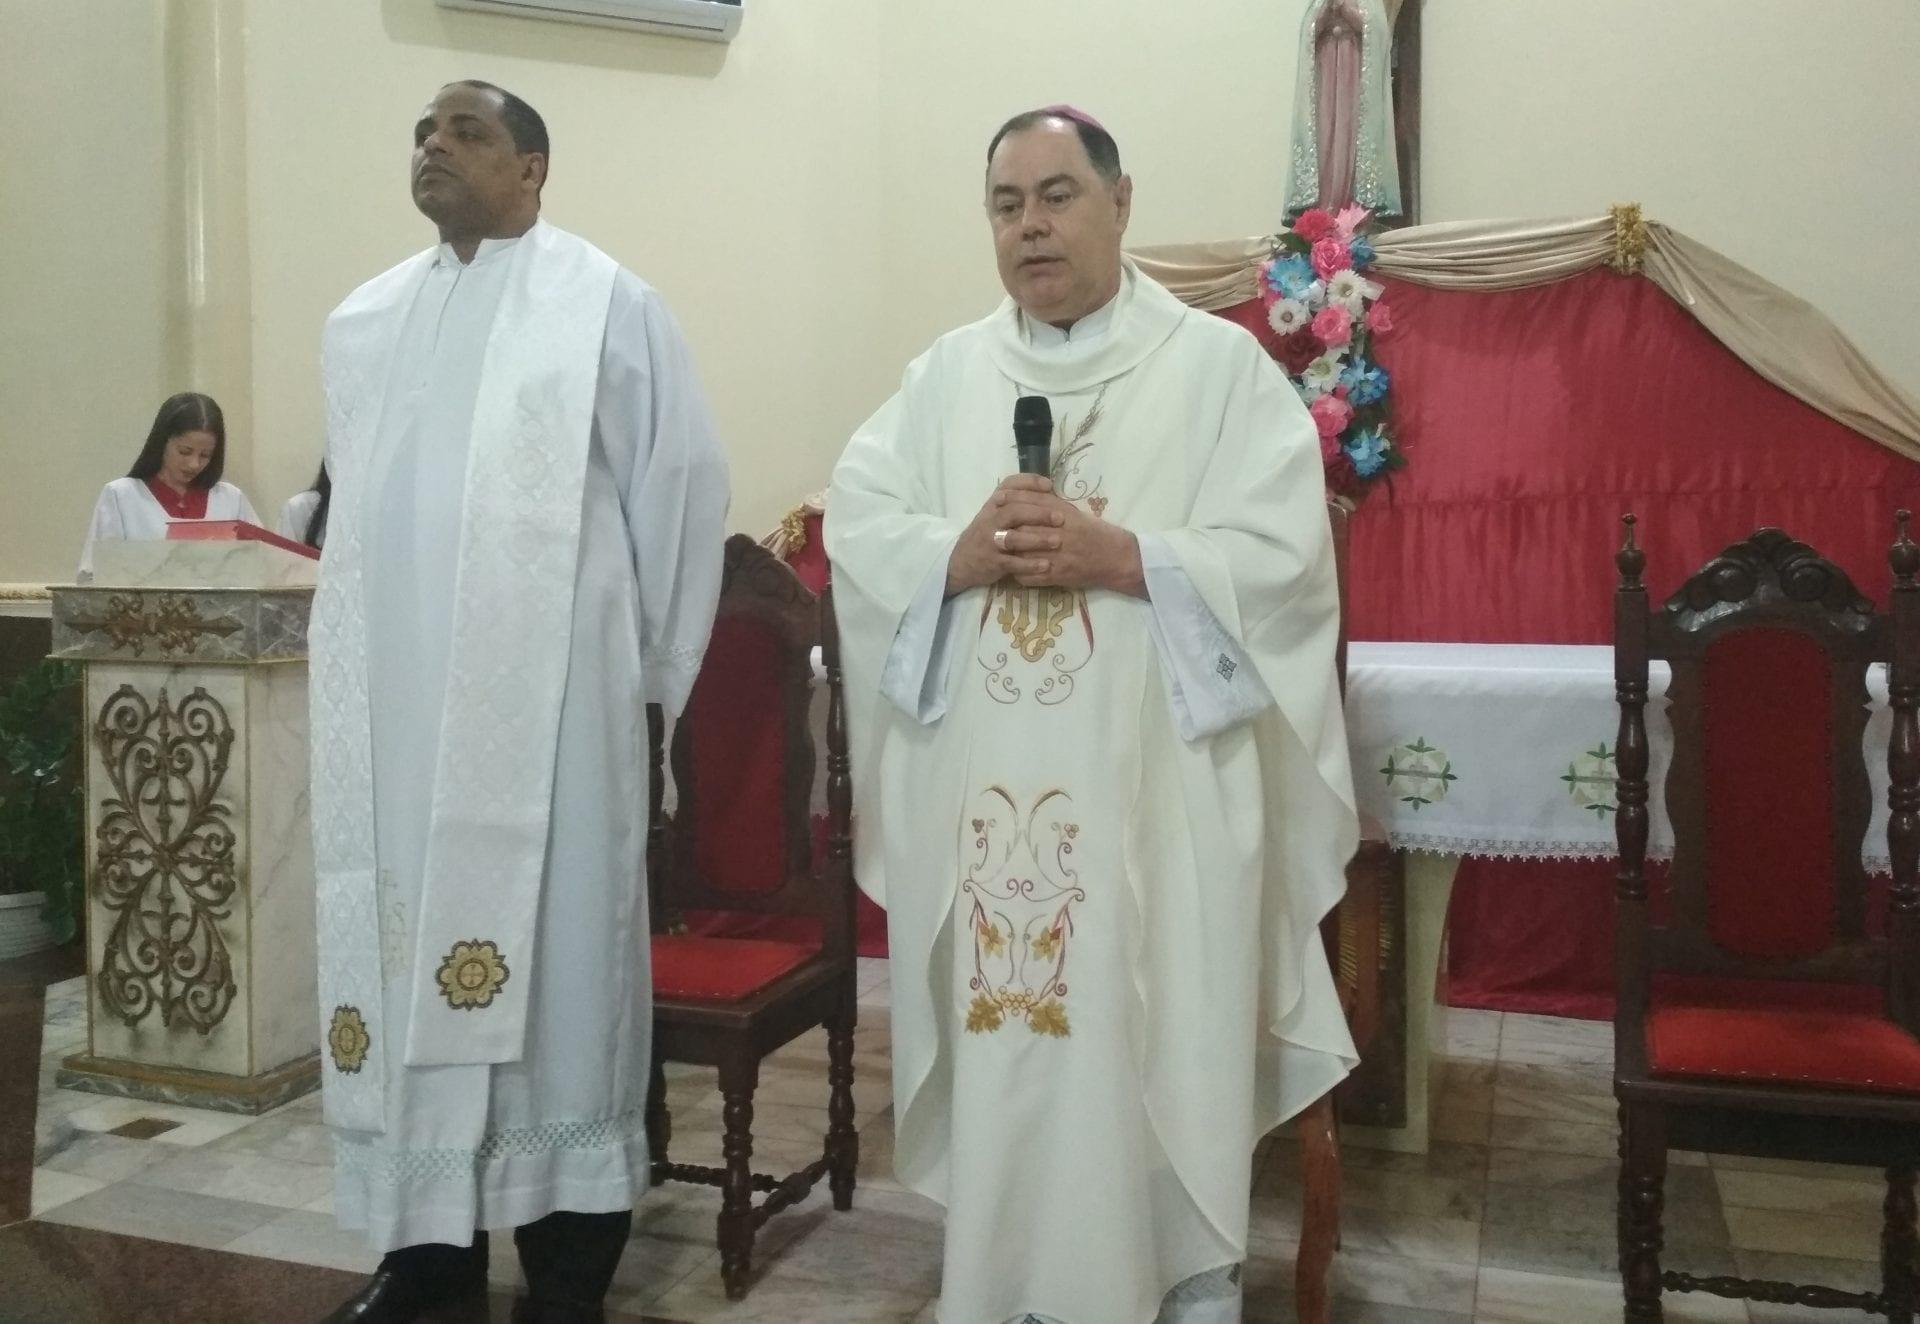 Dom Félix celebra Missa em Divino das Laranjeiras